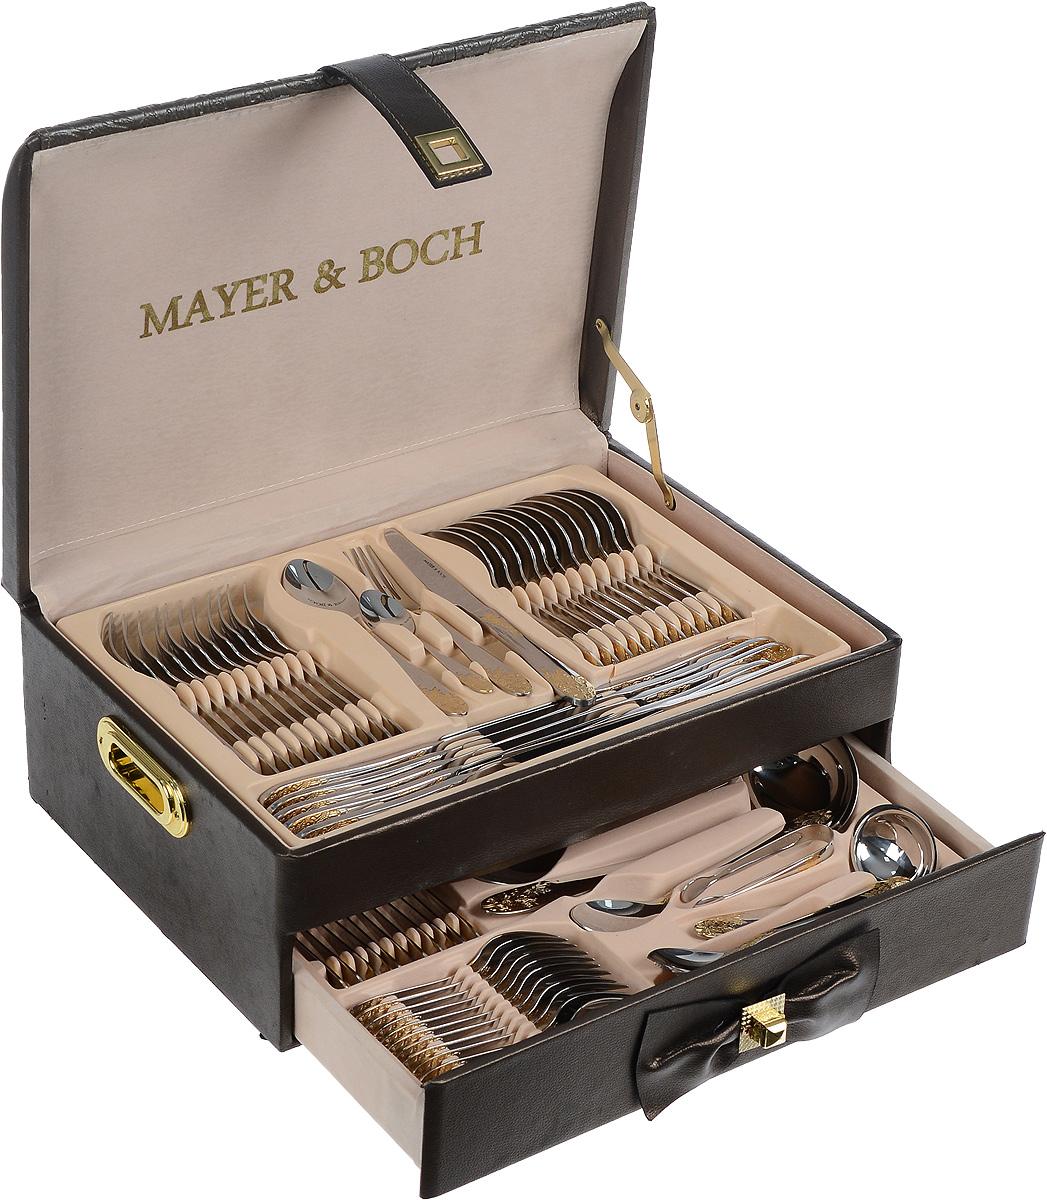 Набор столовых приборов Mayer&Boch, 73 предмета. 2345123451Набор столовых приборов Mayer & Boch состоит из 73 предметов на 12 персон. В набор входит: 12 столовых ножей, 12 столовых вилок, 12 столовых ложек, 12 десертных вилок, 12 чайных ложек, лопатка для торта, половник, ложка для соуса, 2 сервировочные ложки, ложка для сахара, ложка для мороженого, набор для салатов, щипцы для сахара, 2 вилки для мяса. Столовые приборы выполнены из высококачественной нержавеющей стали, которая отличается высокими антикоррозионными свойствами, значительной устойчивостью к воздействию кислот и щелочей. Нержавеющая сталь не изменяет вкус и цвет пищи, не выделяет вредных веществ. Элегантные золотые узоры на столовых приборах выполнены по технологии плазменного напыления, обеспечивающего высокую износостойкость покрытия.Приборы упакованы в изысканный кейс. Столовый набор прекрасно подходит для сервировки стола как в домашнем быту, так и в профессиональных заведениях: кафе и ресторанах. Стильный, лаконичный дизайн и отличное качество столовых приборов делают набор желанной покупкой для любого, даже самого пристрастного клиента. Набор Mayer & Boch - стильный и дорогой подарок, который можно преподнести на свадьбу, на новоселье или к юбилею. Длина столовых ножей: 23,5 см.Длина столовых вилок: 20,5 см.Длина столовых ложек: 20,5 см.Длина десертных вилок: 14,5 см.Длина чайных ложек: 14 см.Длина лопатки для торта: 23,5 см.Длина половника: 27,5 см.Размер рабочей части половника: 10 х 7,5 см. Длина ложки для соуса: 17 см.Размер рабочей части ложки для соуса: 7 х 5,5 см. Длина ложки для мороженого: 19,5 см.Длина сервировочных ложек: 20,5 смДлина набора для салатов: 19,5 см.Длина щипцов для сахара: 10,5 см.Длина вилок для мясных блюд: 16 см.Размер кейса: 45 х 33 х 18 см.